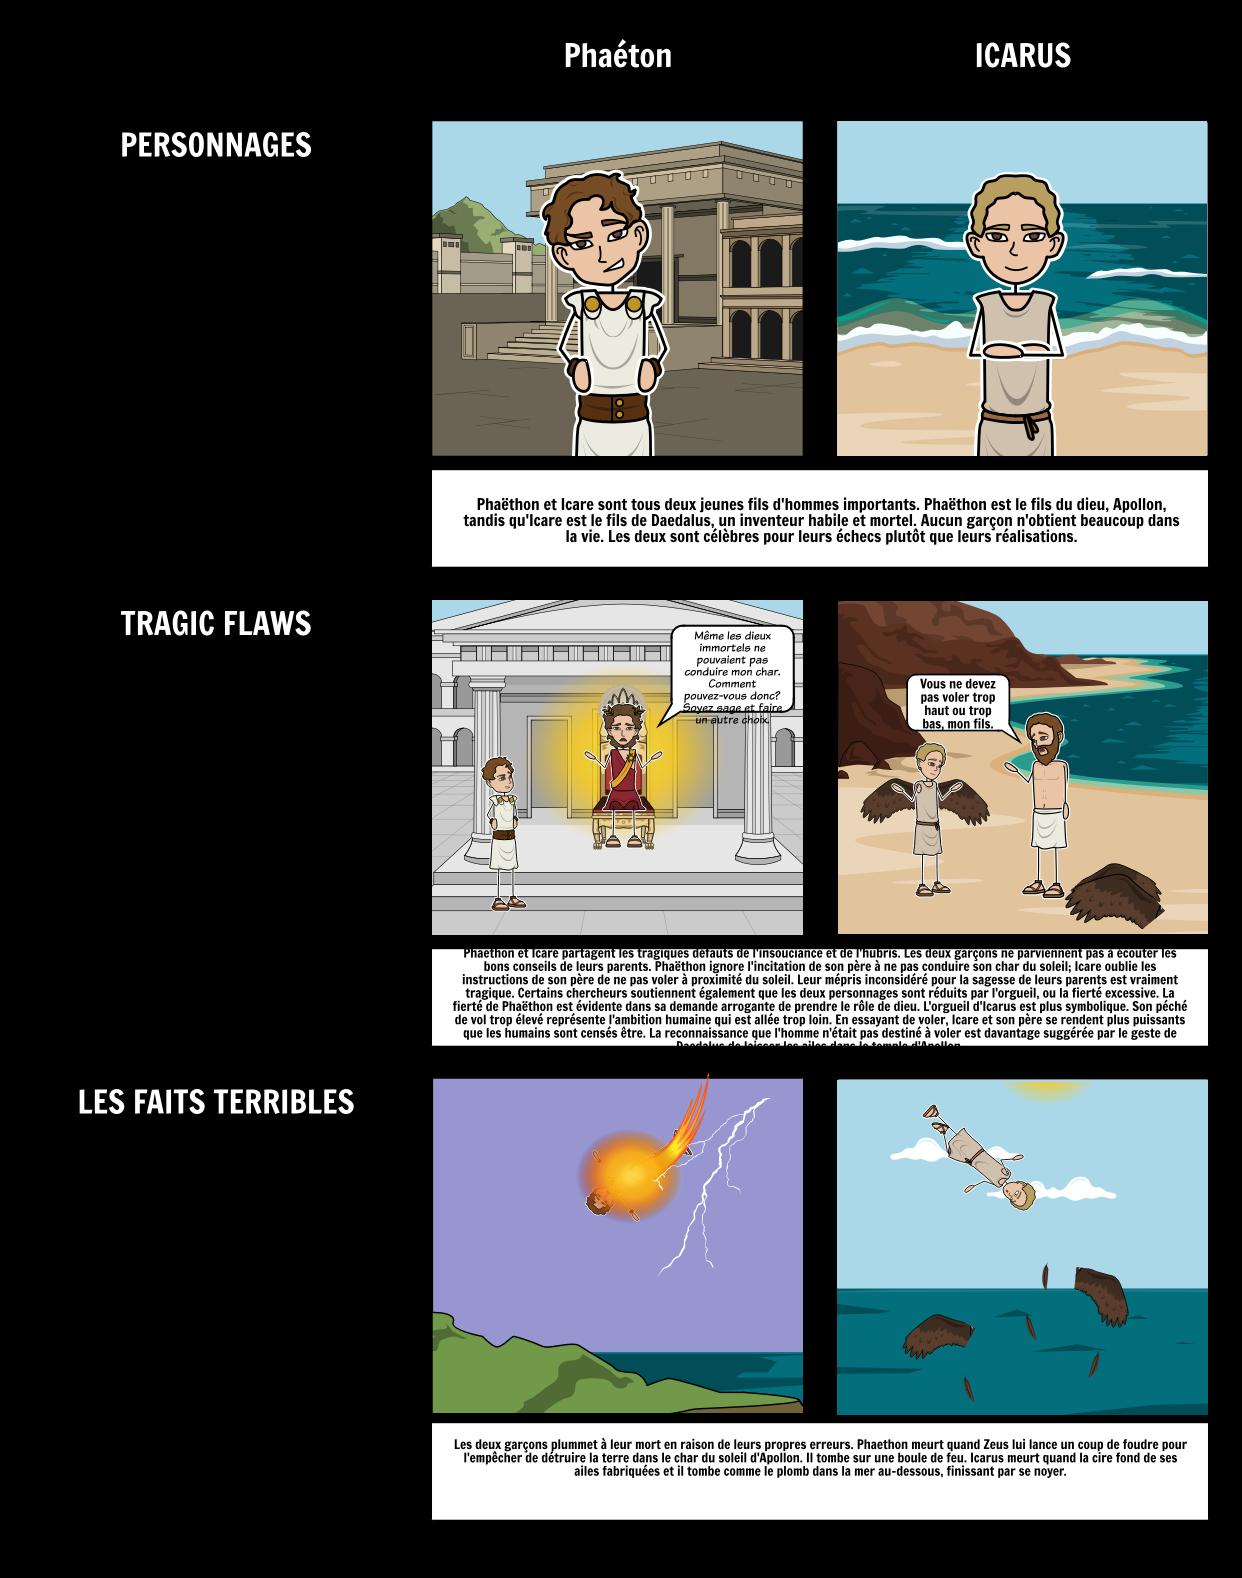 Comparaison D'Icarus et de Phaethon